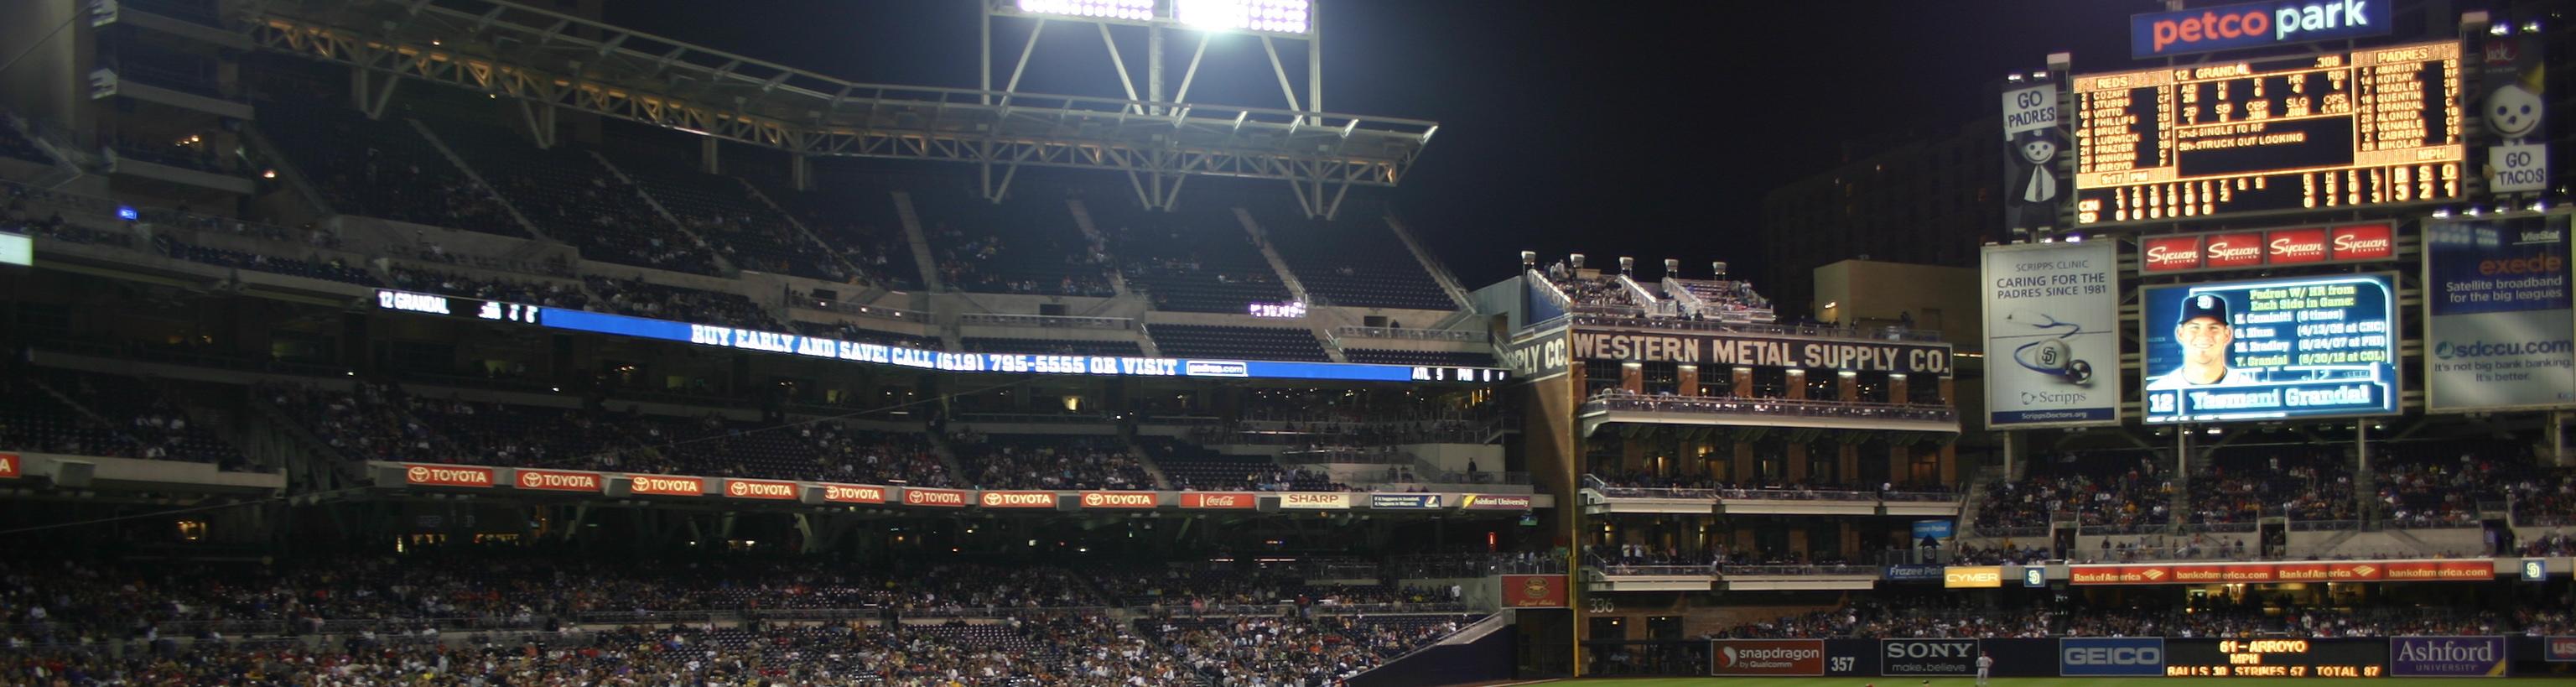 PETCO_Field_Scoreboard_Night.jpg